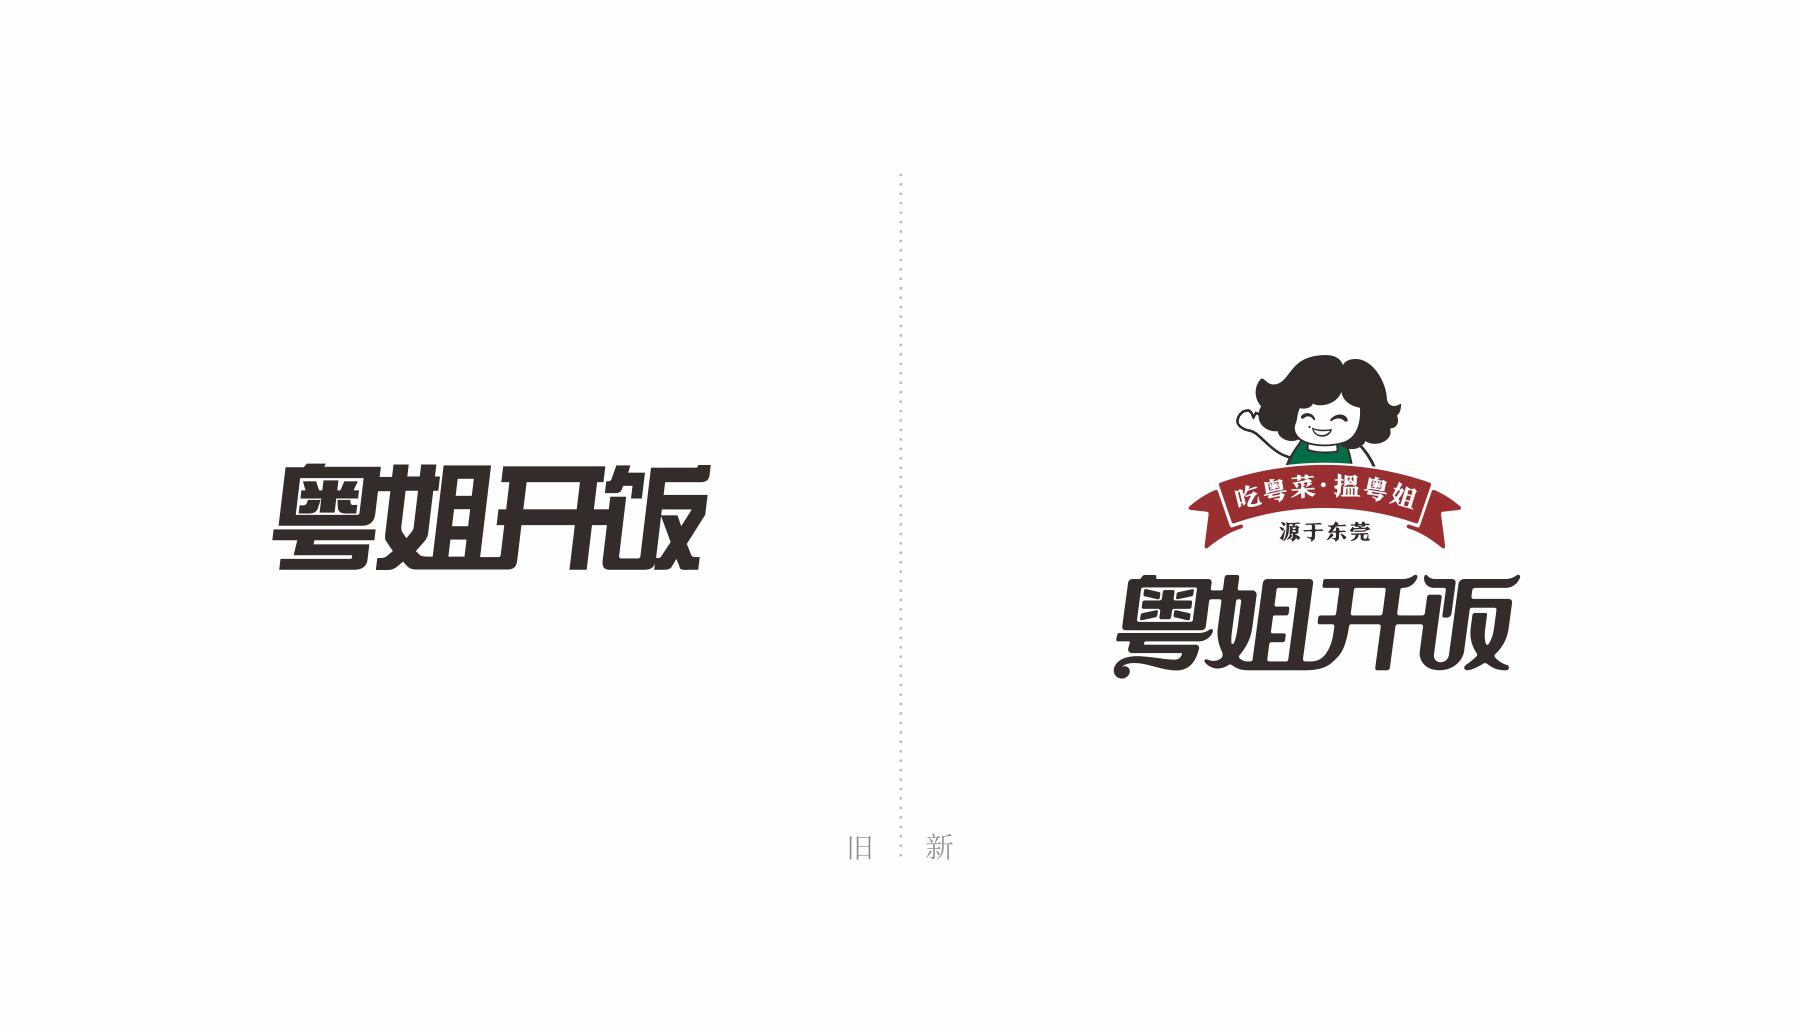 粤姐开饭东莞餐饮品牌标志设计新旧对比